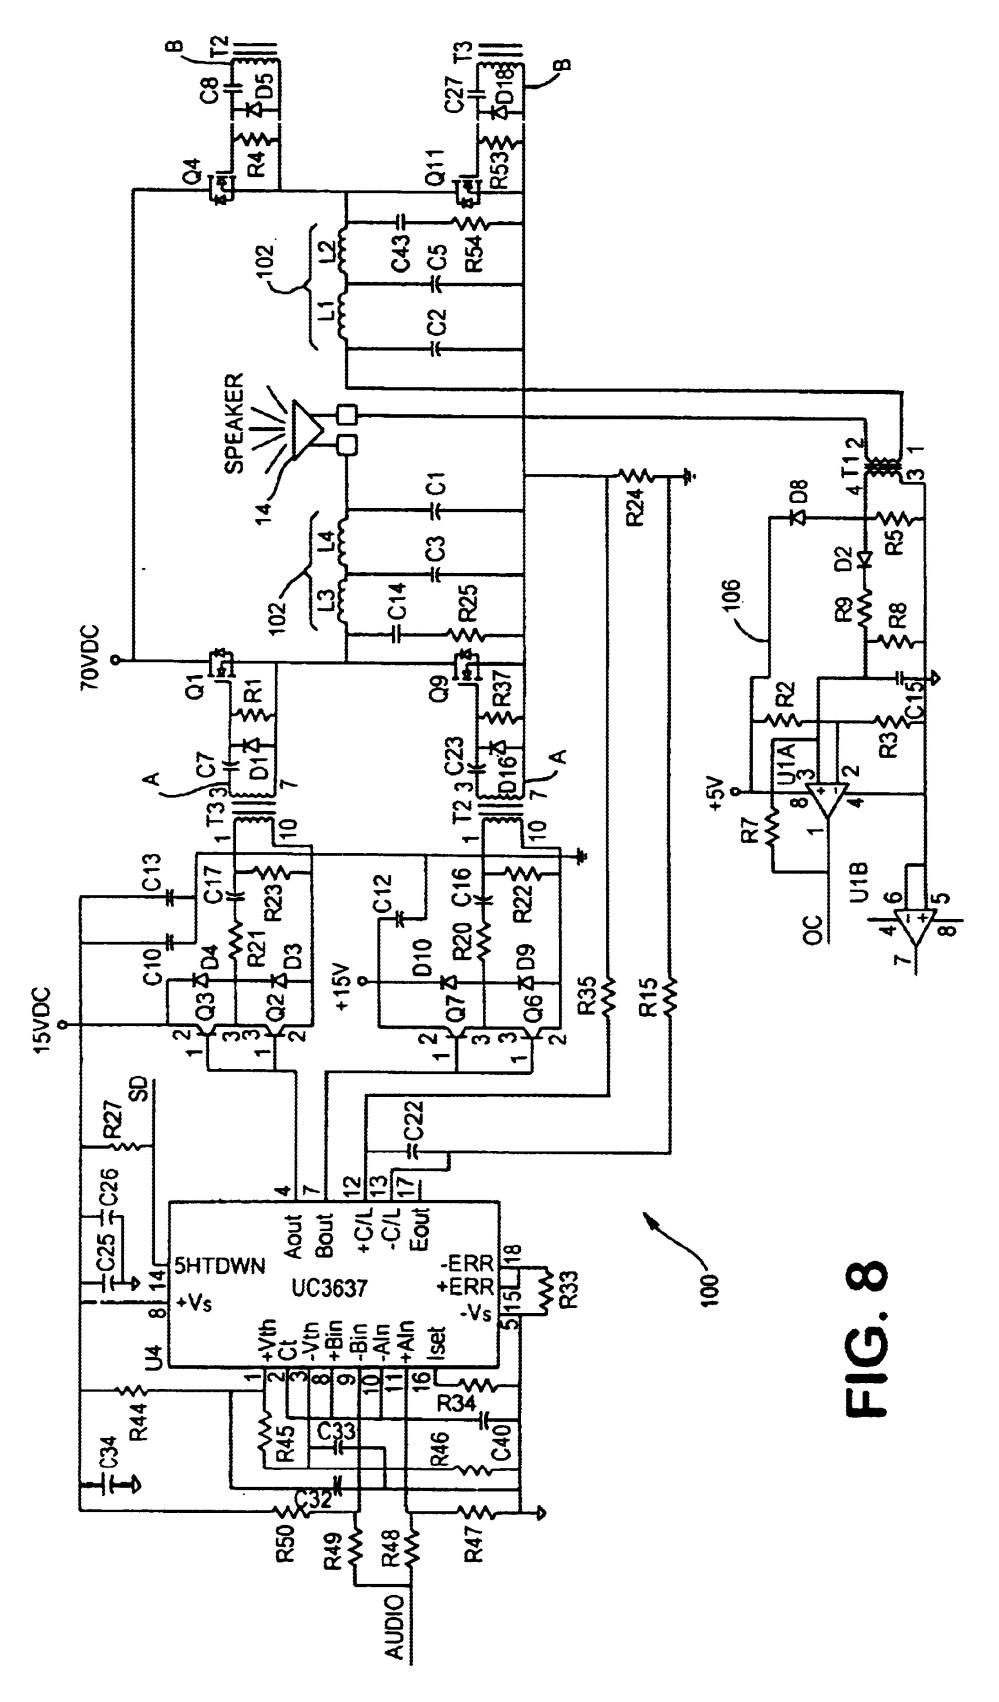 medium resolution of shome siren wiring diagram wiring schematic diagram rh 63 twizer co able 2 siren siren sho me 30 2200